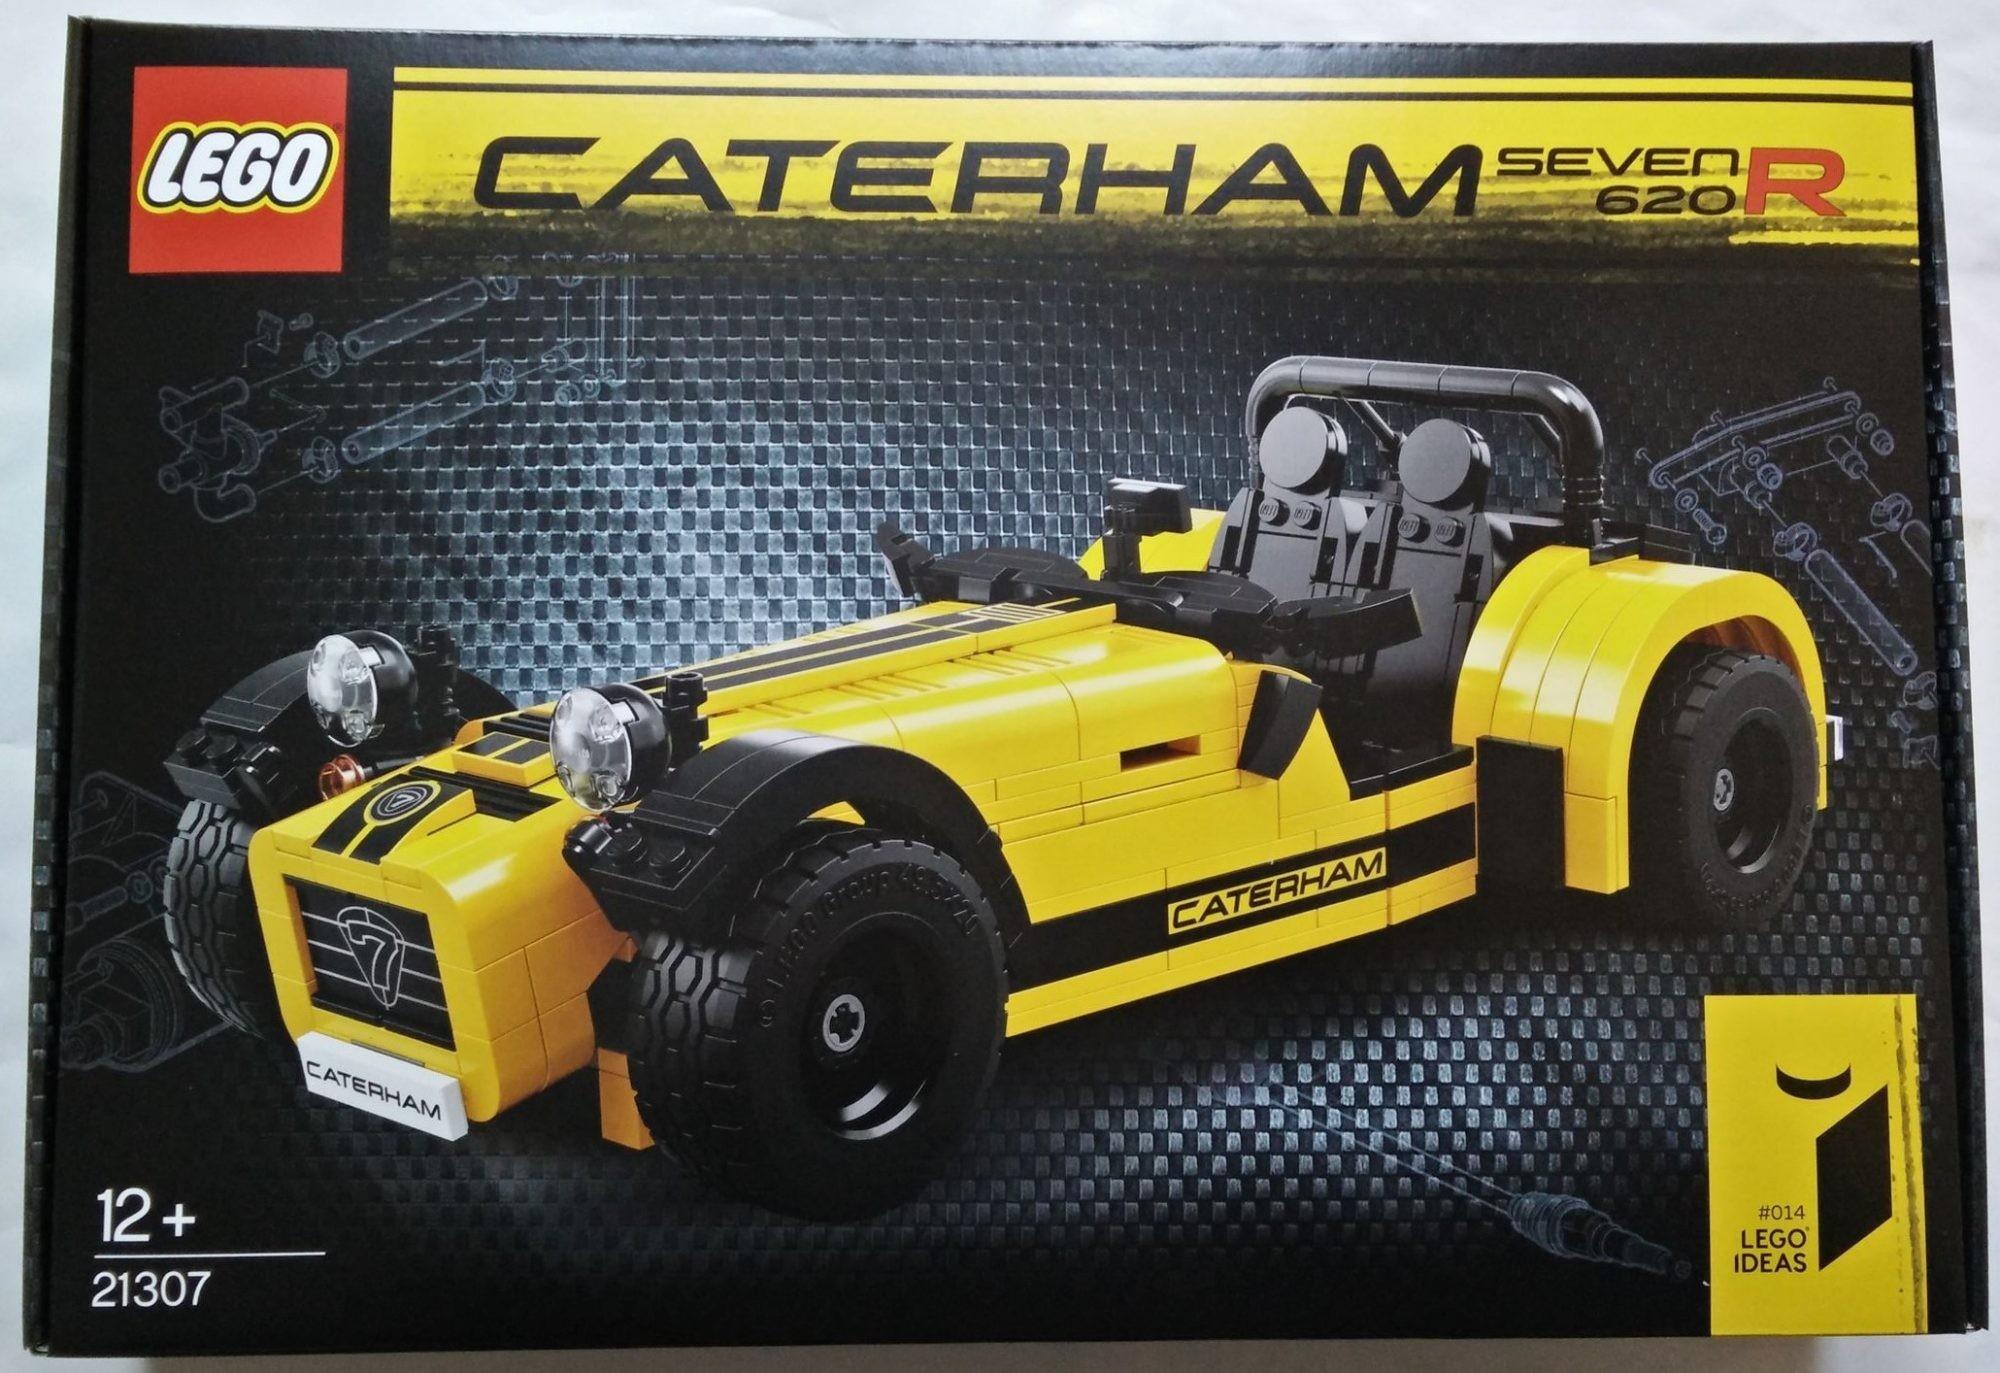 レゴ(LEGO) アイデア 「ケータハム セブン 620R(21307)」レビュー